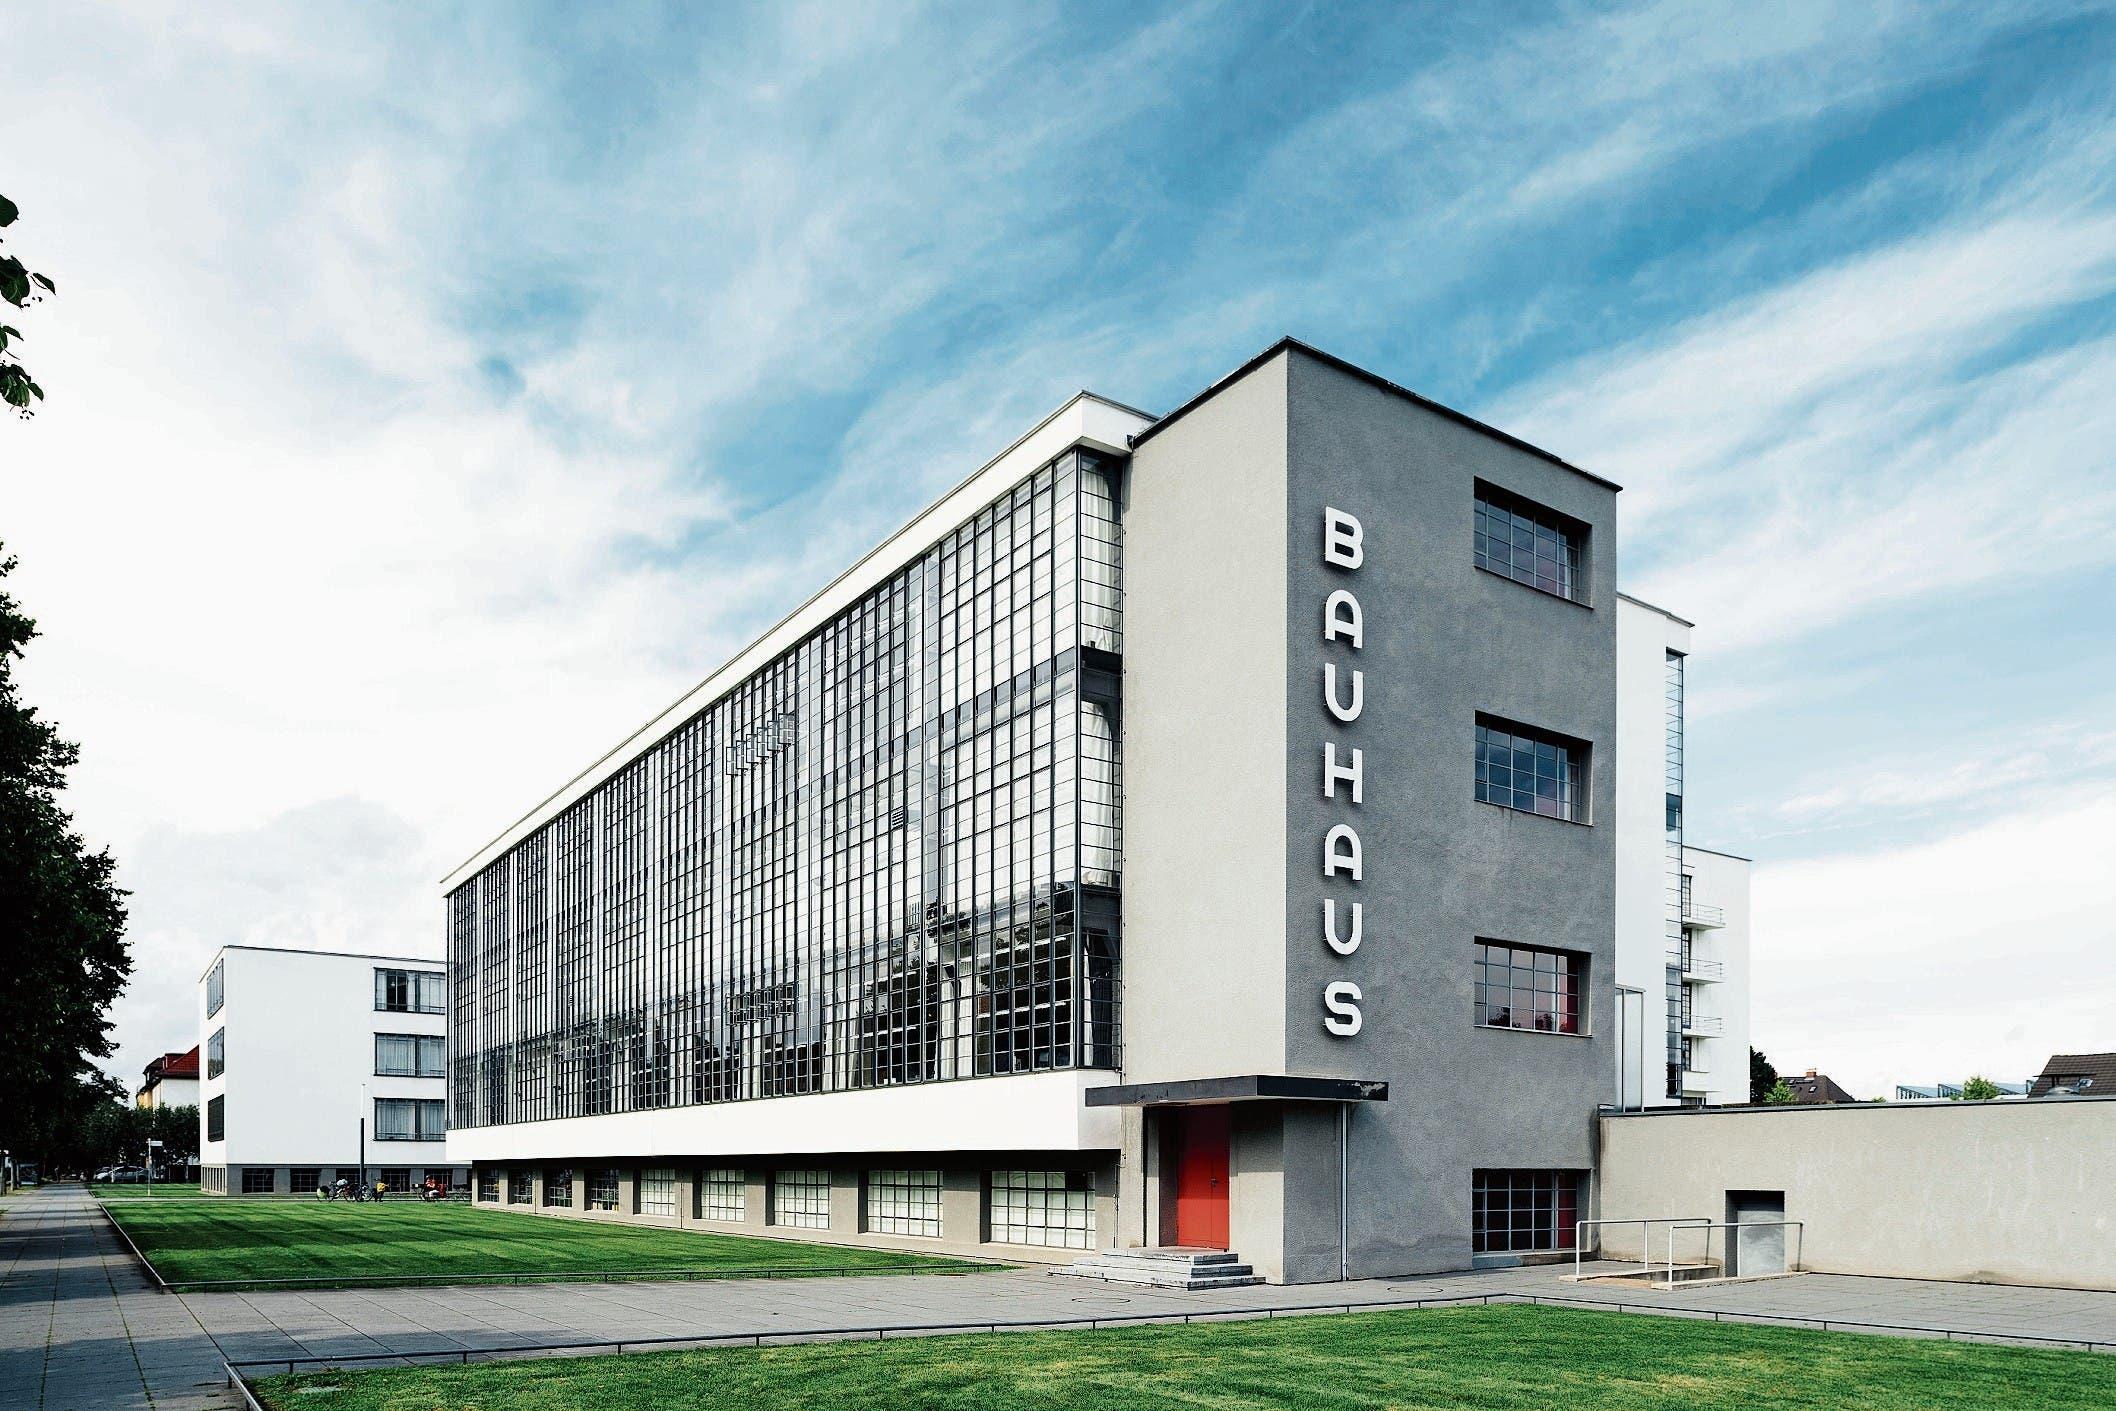 Bauhaus Dessau: Schlüsselwerk der modernen Architektur, 1926 von Gropius erbaut. (Bild: T. Franzen)